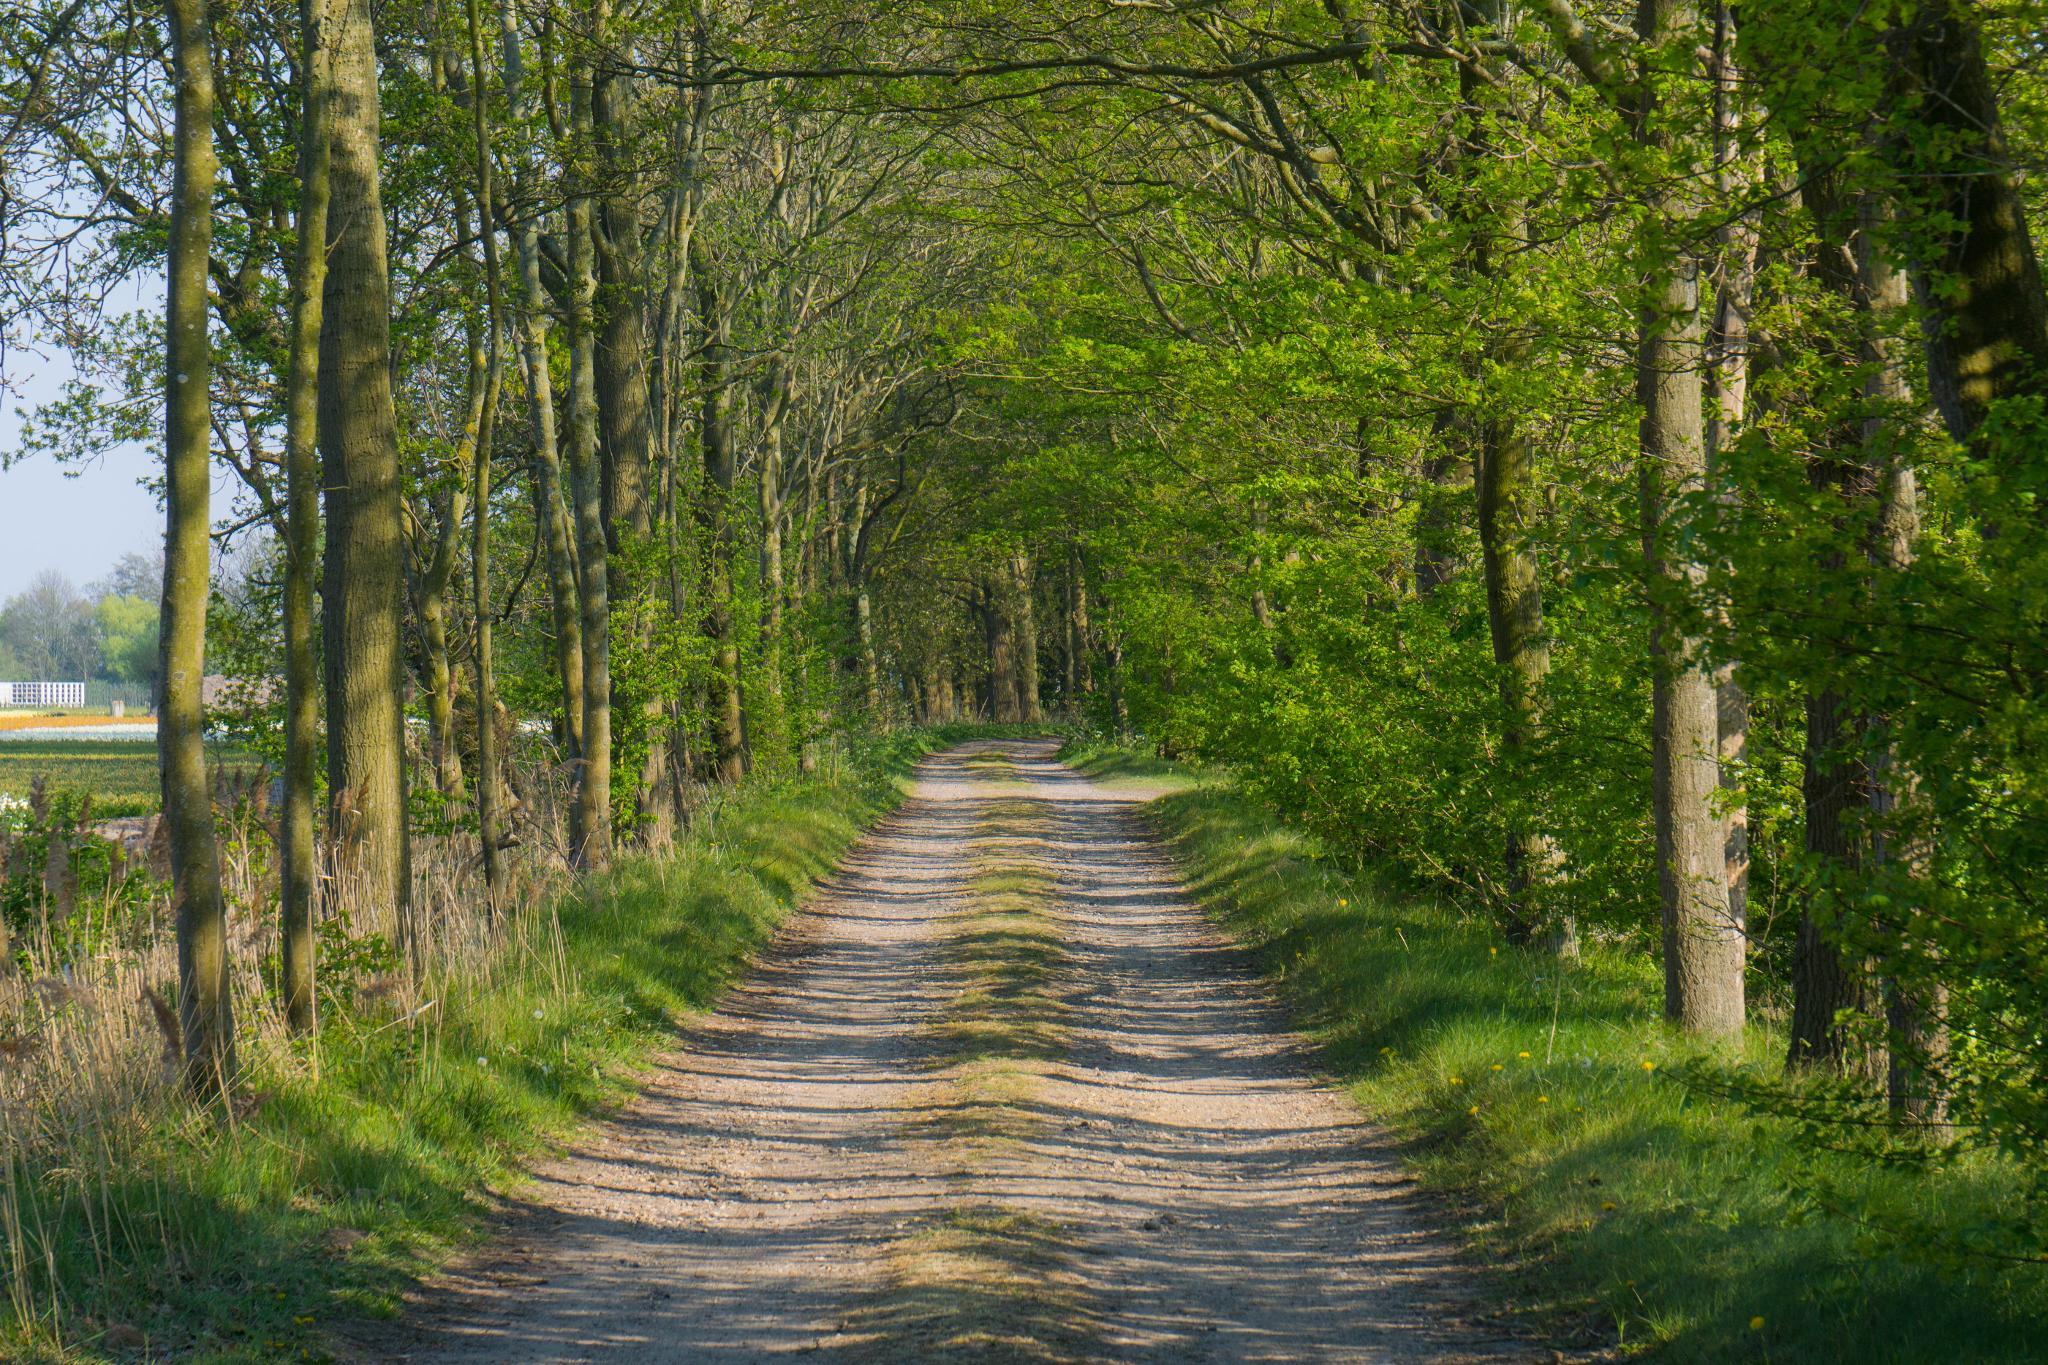 【荷蘭印象】花田嬉事:荷蘭單車花之路 45